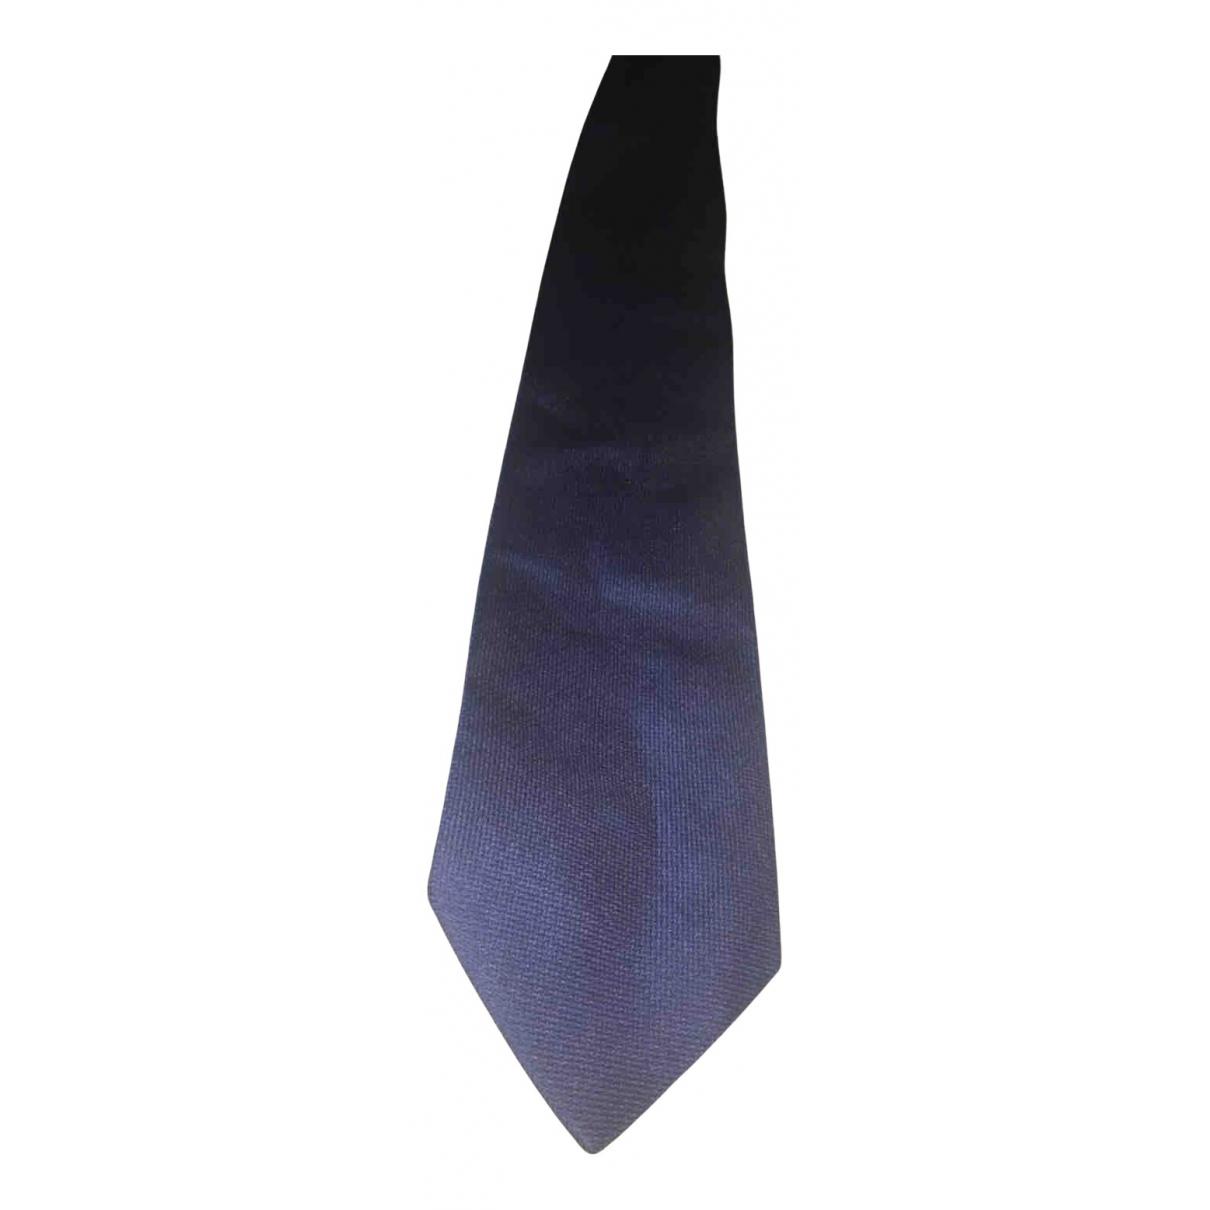 Zilli \N Krawatten in  Blau Synthetik